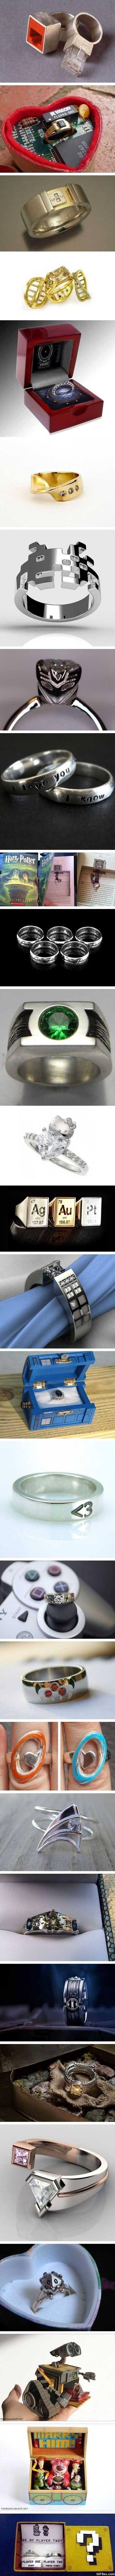 Rings for geeks